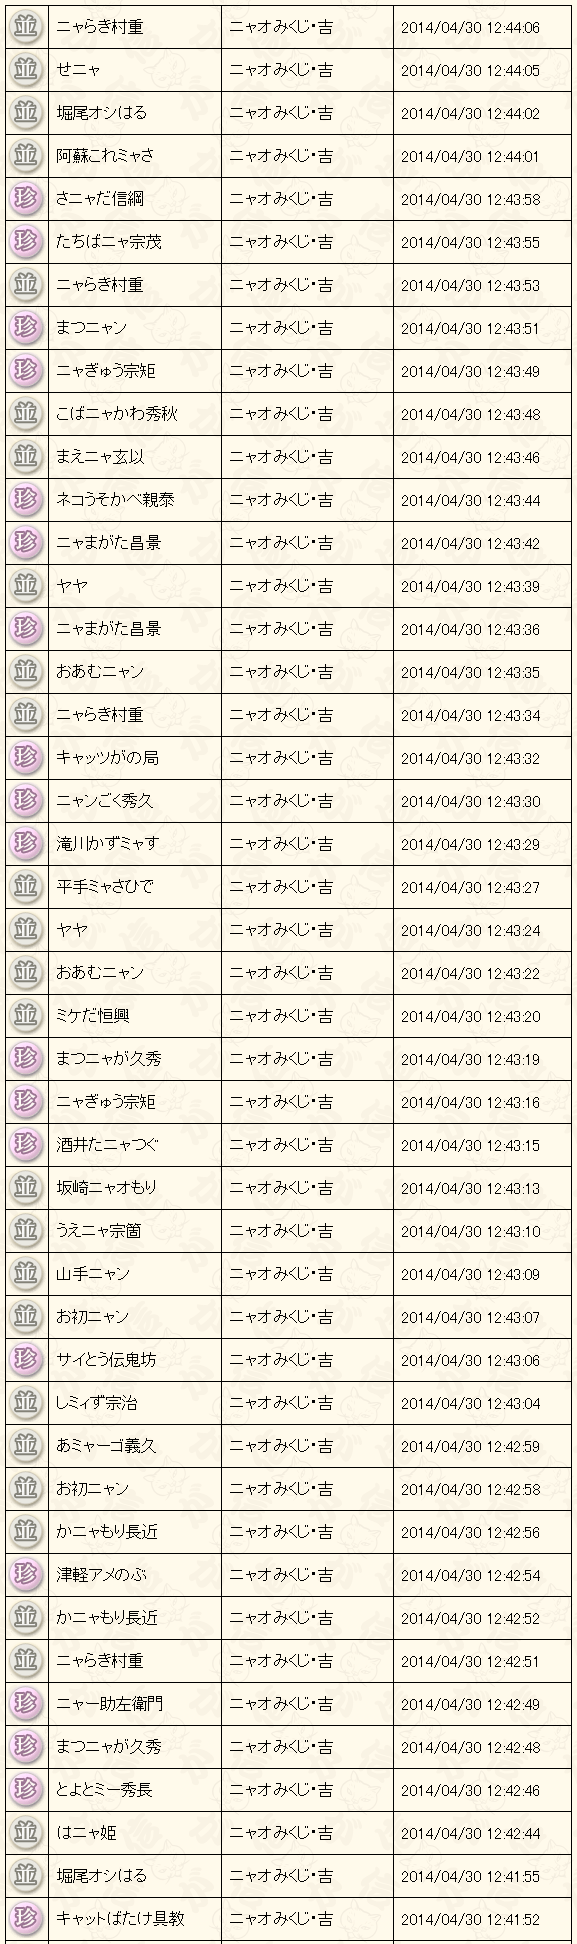 4月末くじ結果2014吉